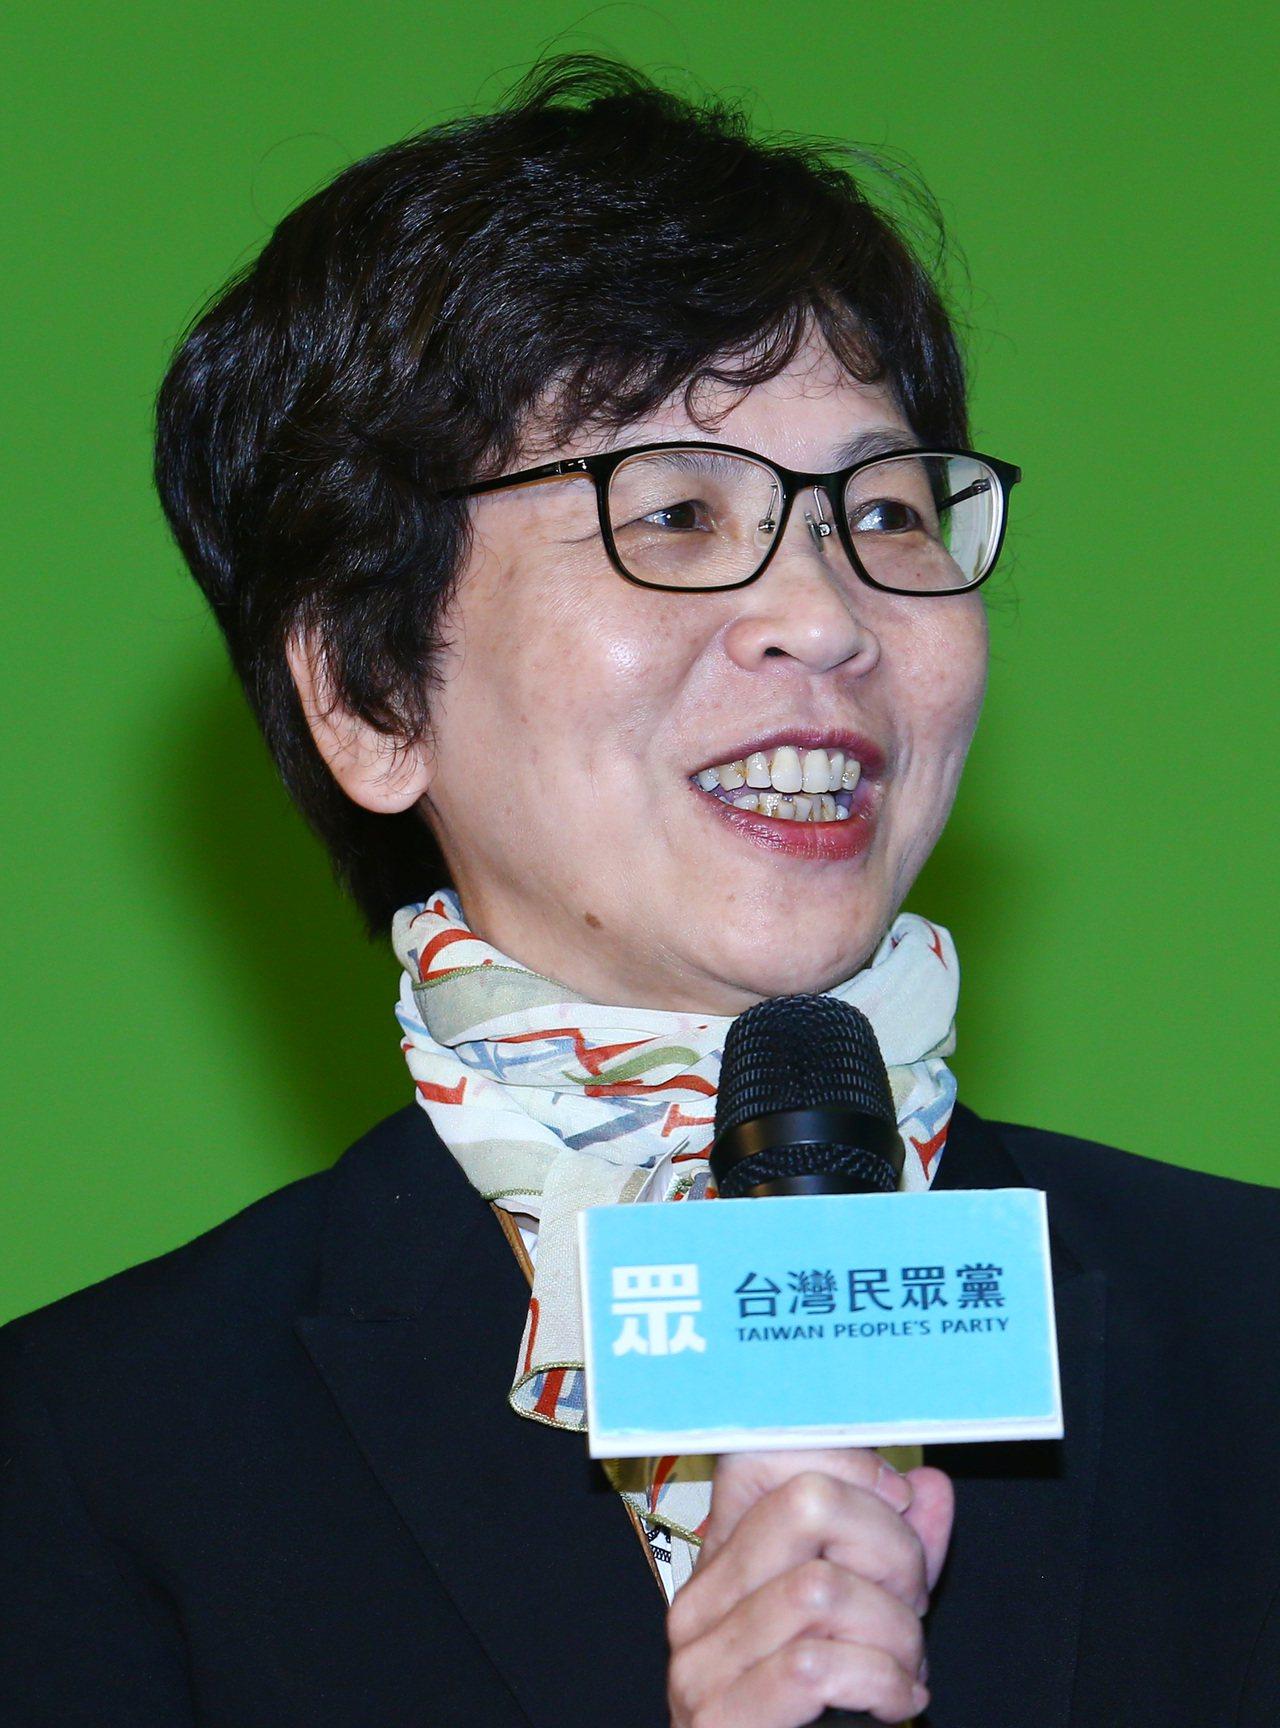 台北市府顧問蔡壁如接受新頭殼網站專訪爆料,當初有3個女人一天到晚要「市長專簽」的...